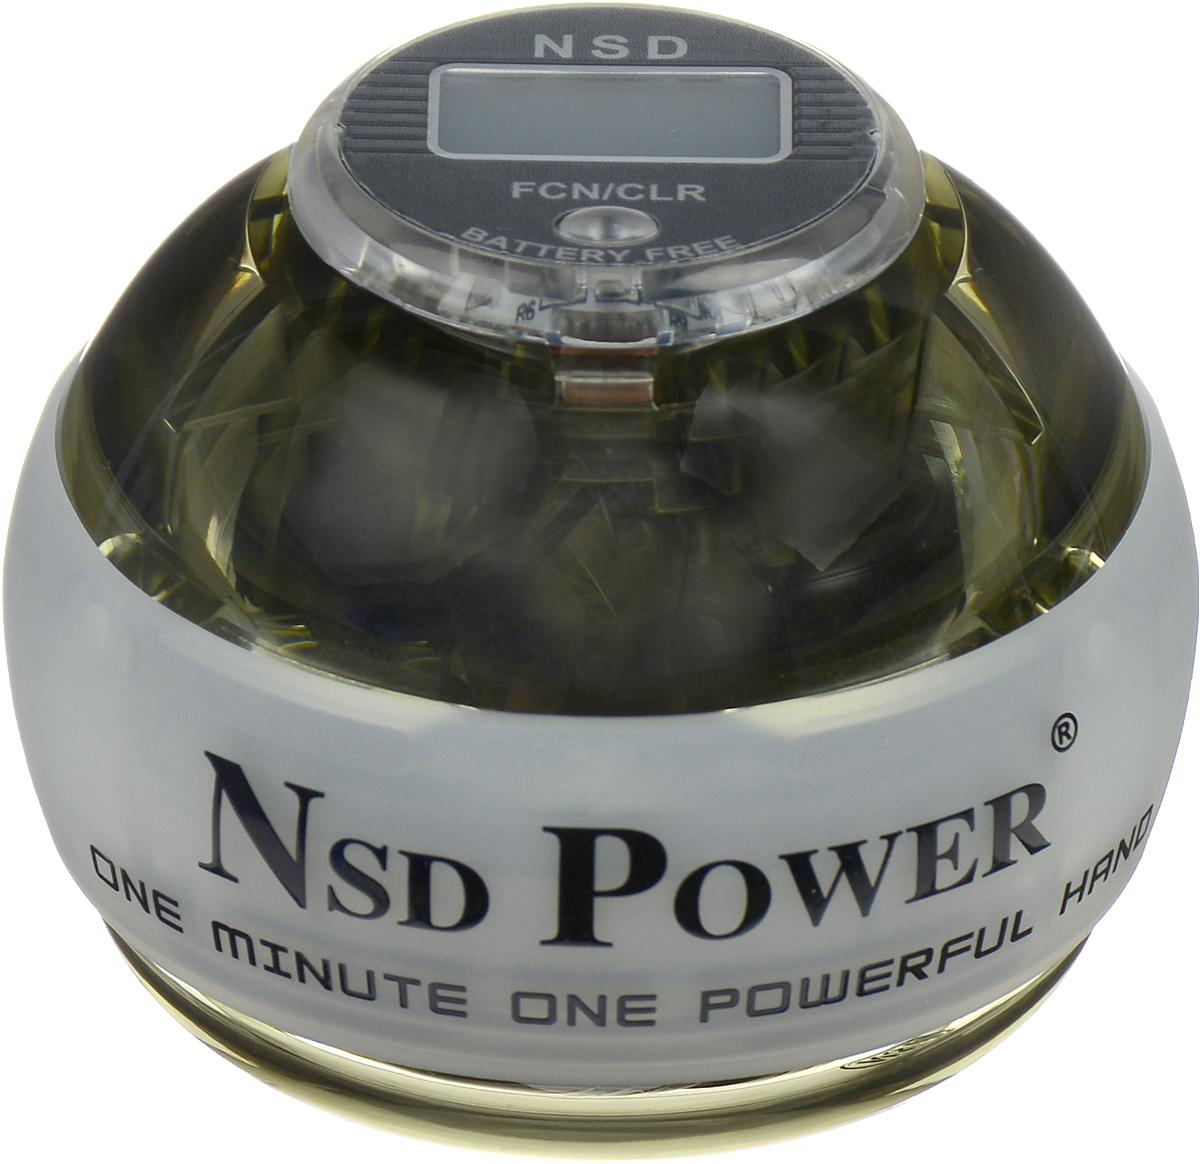 Тренажер кистевой NSD Power Powerball Neon Pro, цвет: белыйPB-688LC WhiteКистевой тренажер NSD Power Powerball Neon Pro - новая модель cсчетчиком и подсветкой. Тренажер изготовлен из более прочногоматериала с системой защиты ротора, предотвращающей егоповреждение при падении шара на твердую поверхность. Он будетслужить вам очень долгое время. Также в эту модель внедрена система сменных колец для быстрогоремонта при повреждении. Новый счетчик со встроеннымгенератором работает без батареек. Прекрасно отрегулированныйротор тренажера с отличным балансом может достигать скоростивращения до 15000 оборотов в минуту. В комплект входят инструкция по использованию и два шнурка дляраскрутки.Стильный тренажер для кисти рук, который можно использовать влюбую свободную минуту. Упражнения, проделываемые регулярно,обеспечат отличную тренировку рук, разработку кисти после травмыу спортсменов и не только. Размер тренажера: 7 х 8 см.